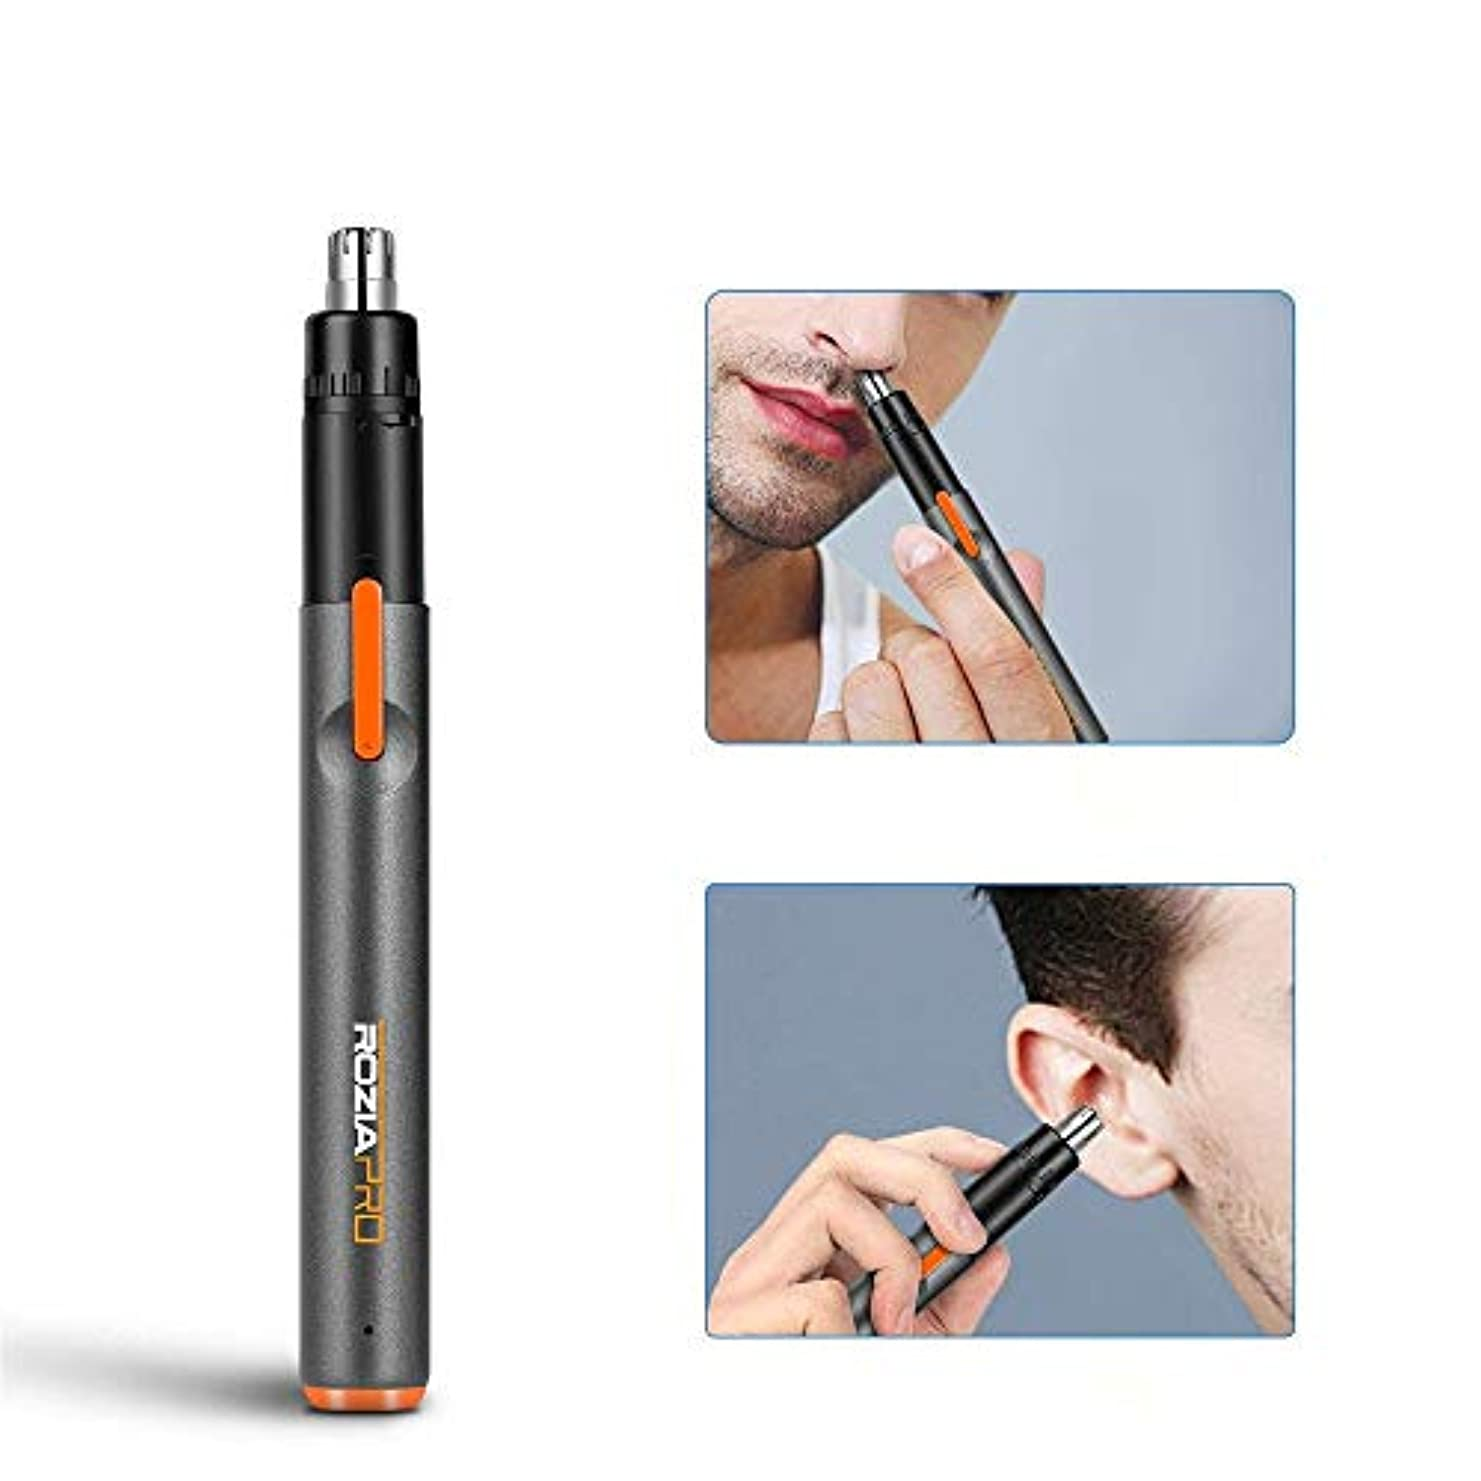 チート馬鹿げた関連する携帯用電気鼻毛を充電メンズと女性のユニバーサル耳鼻毛トリマーUSB シェービングをお楽しみください (Color : Black, Size : USB)